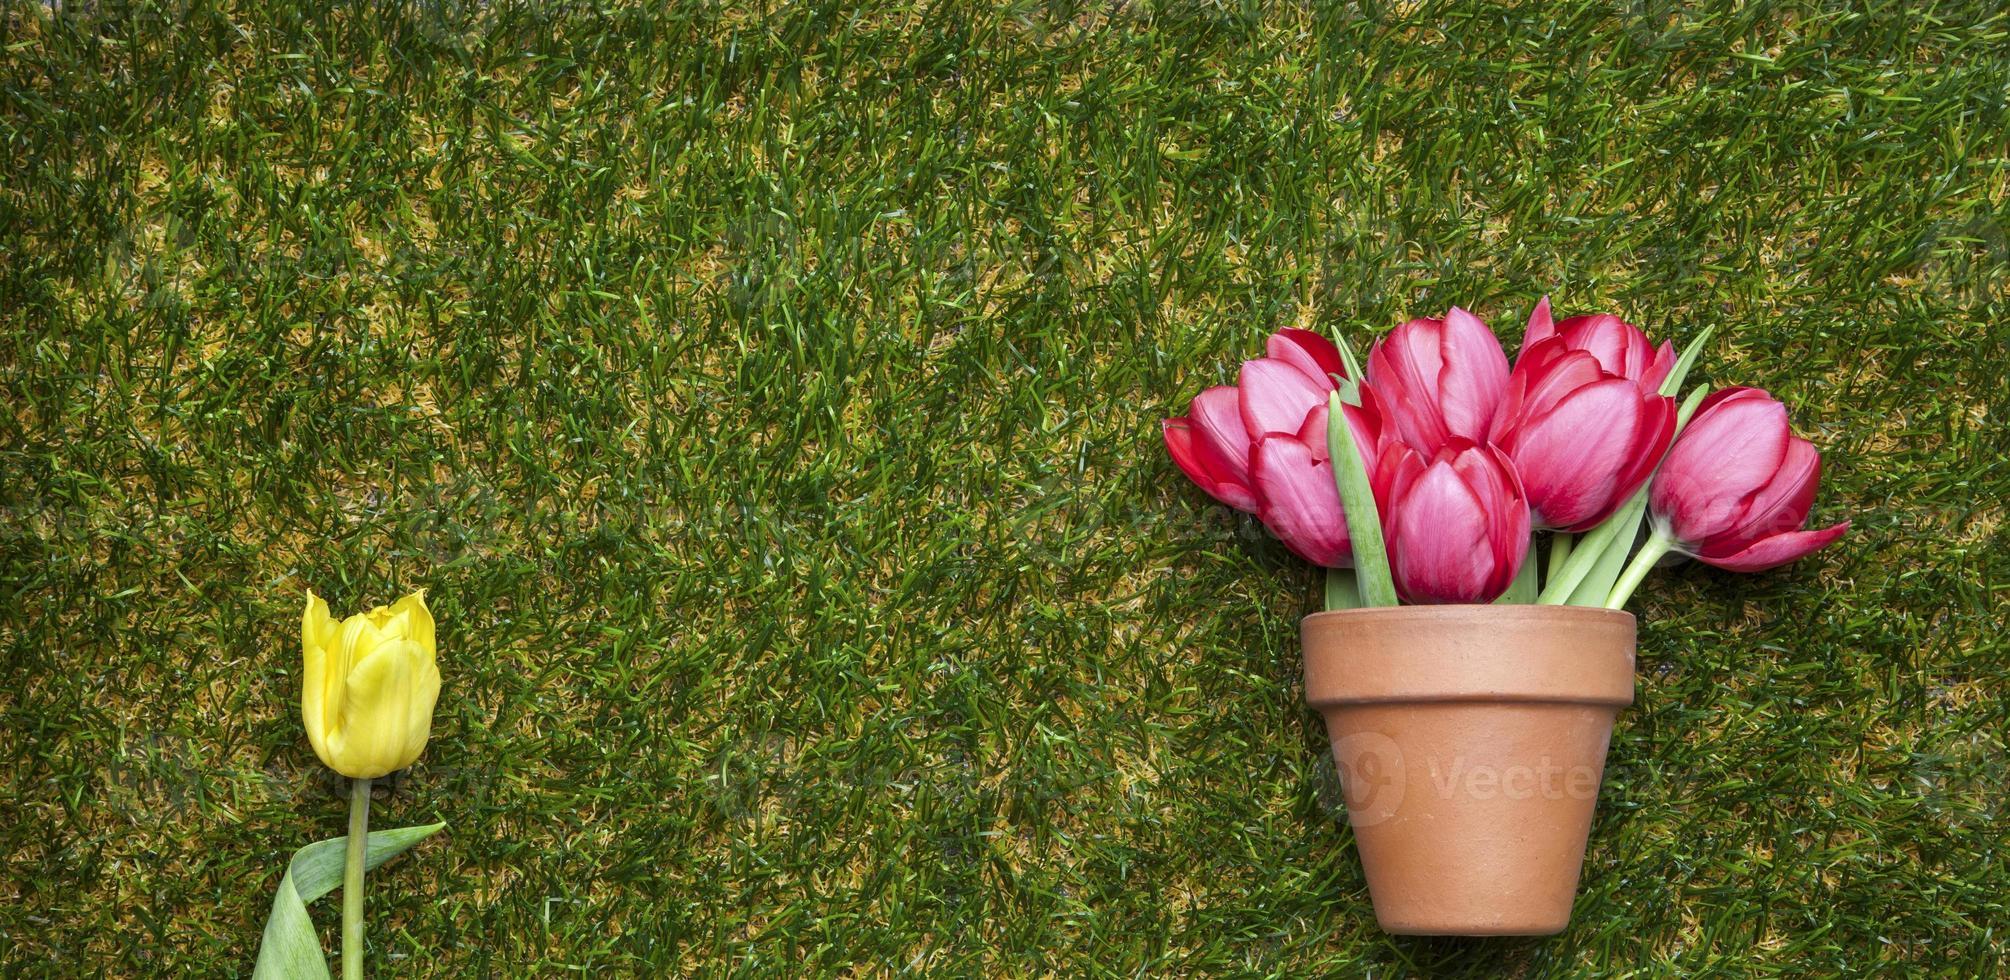 tulipani su erba, vaso di fiori e tulipano giallo isolato, copia spazio foto